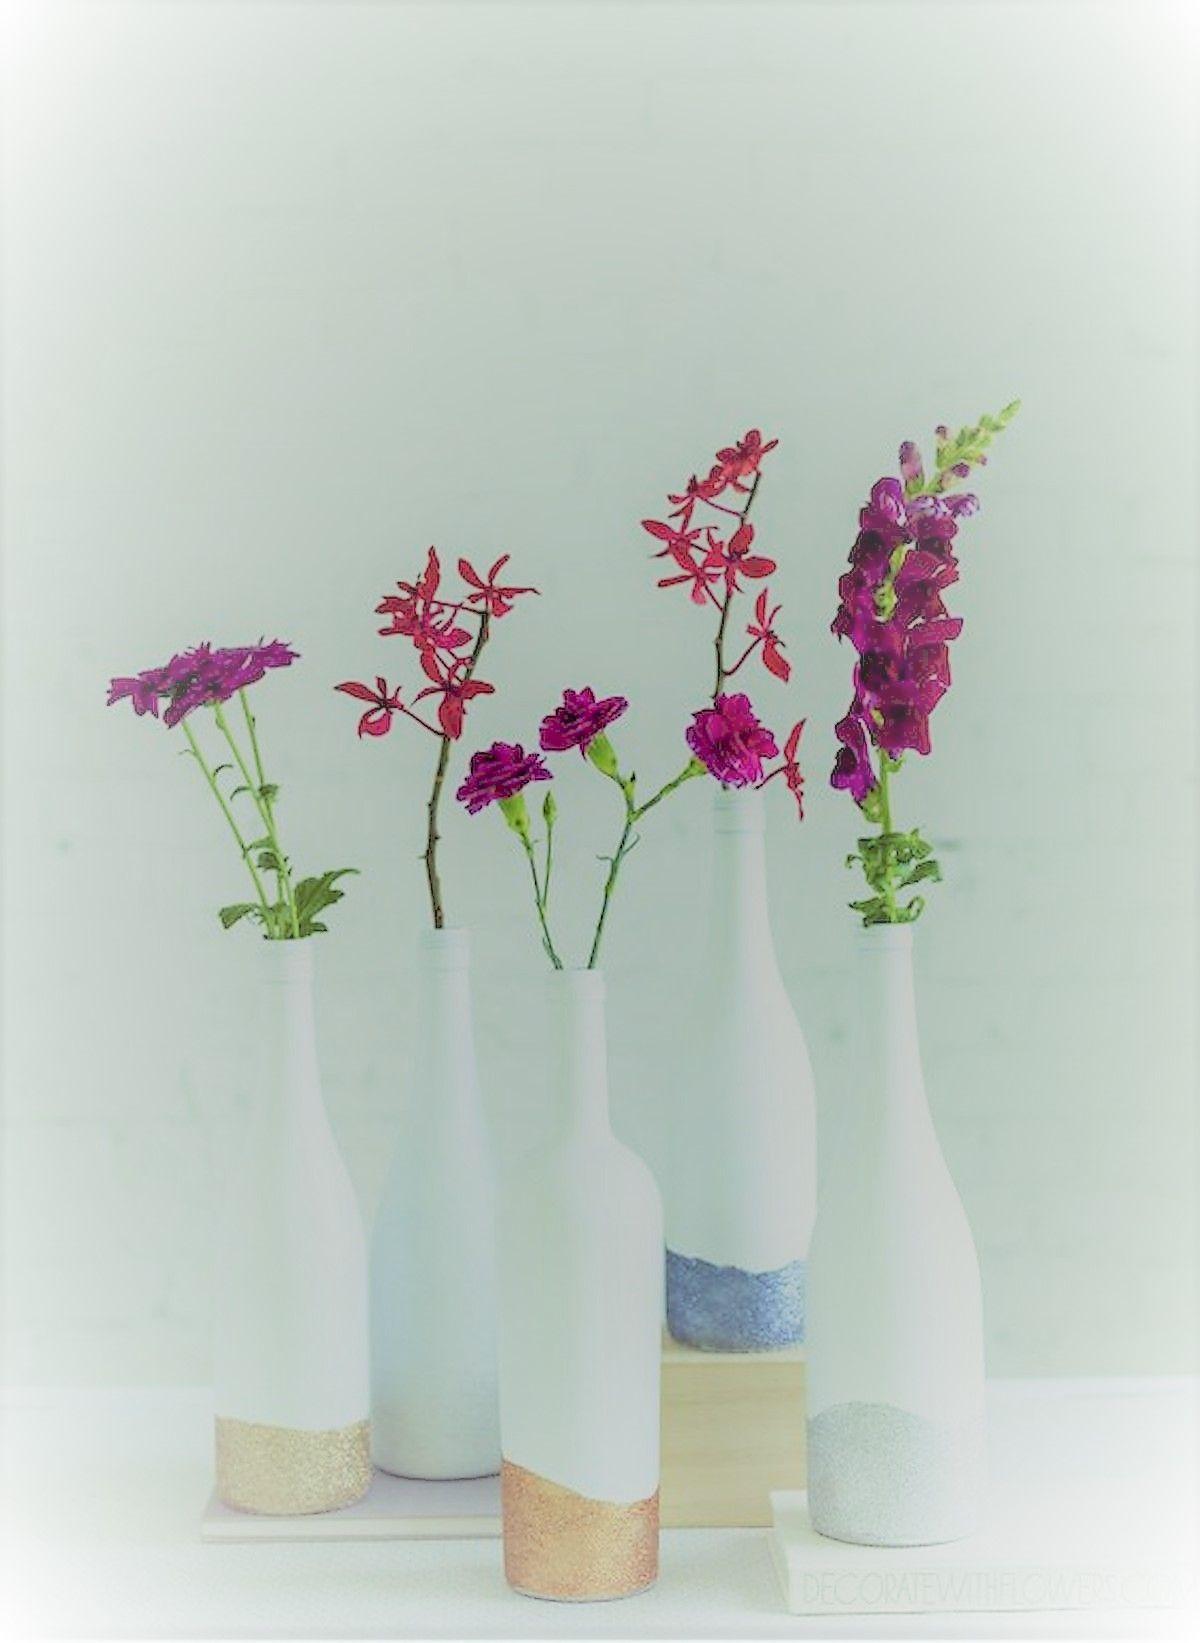 30 Awesome DIY Vase Ideas (19)